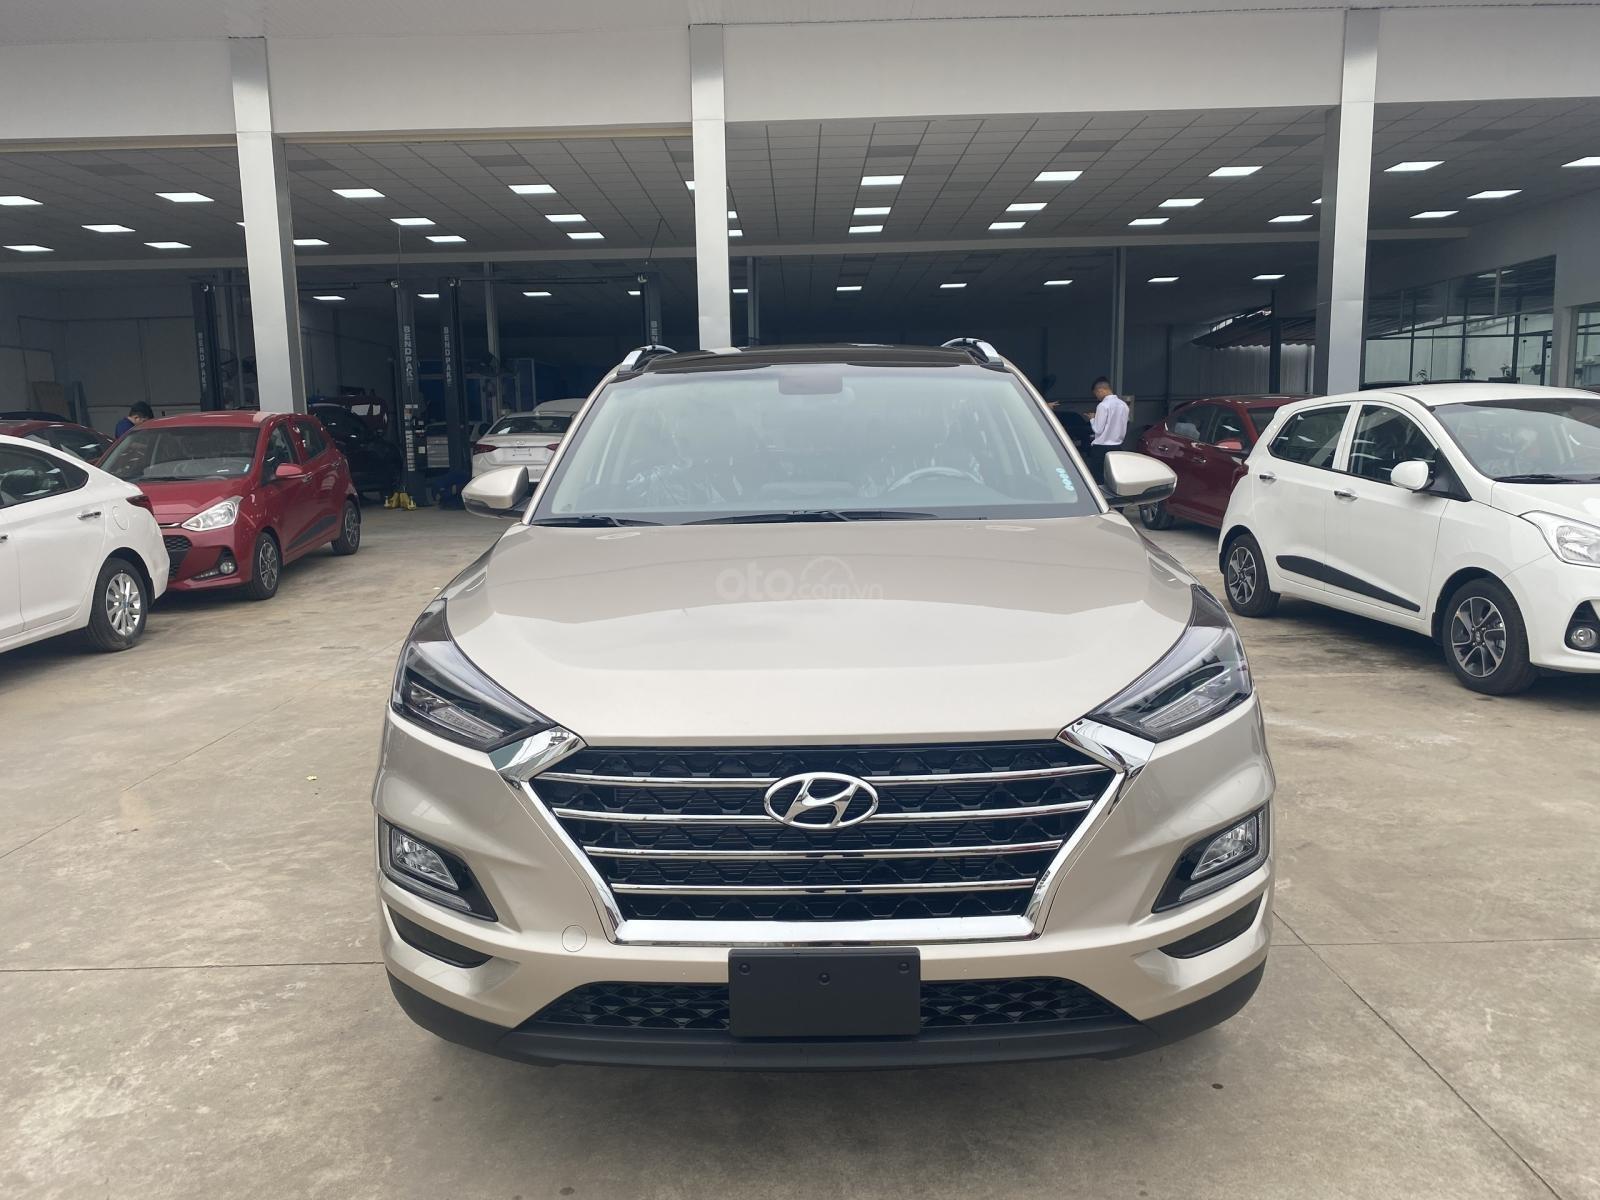 Hyundai Tucson 2020 - khuyến mãi lớn nhất năm - tư vấn nhiệt tình - đủ màu lấy ngay, giá tốt nhất miền Nam (2)